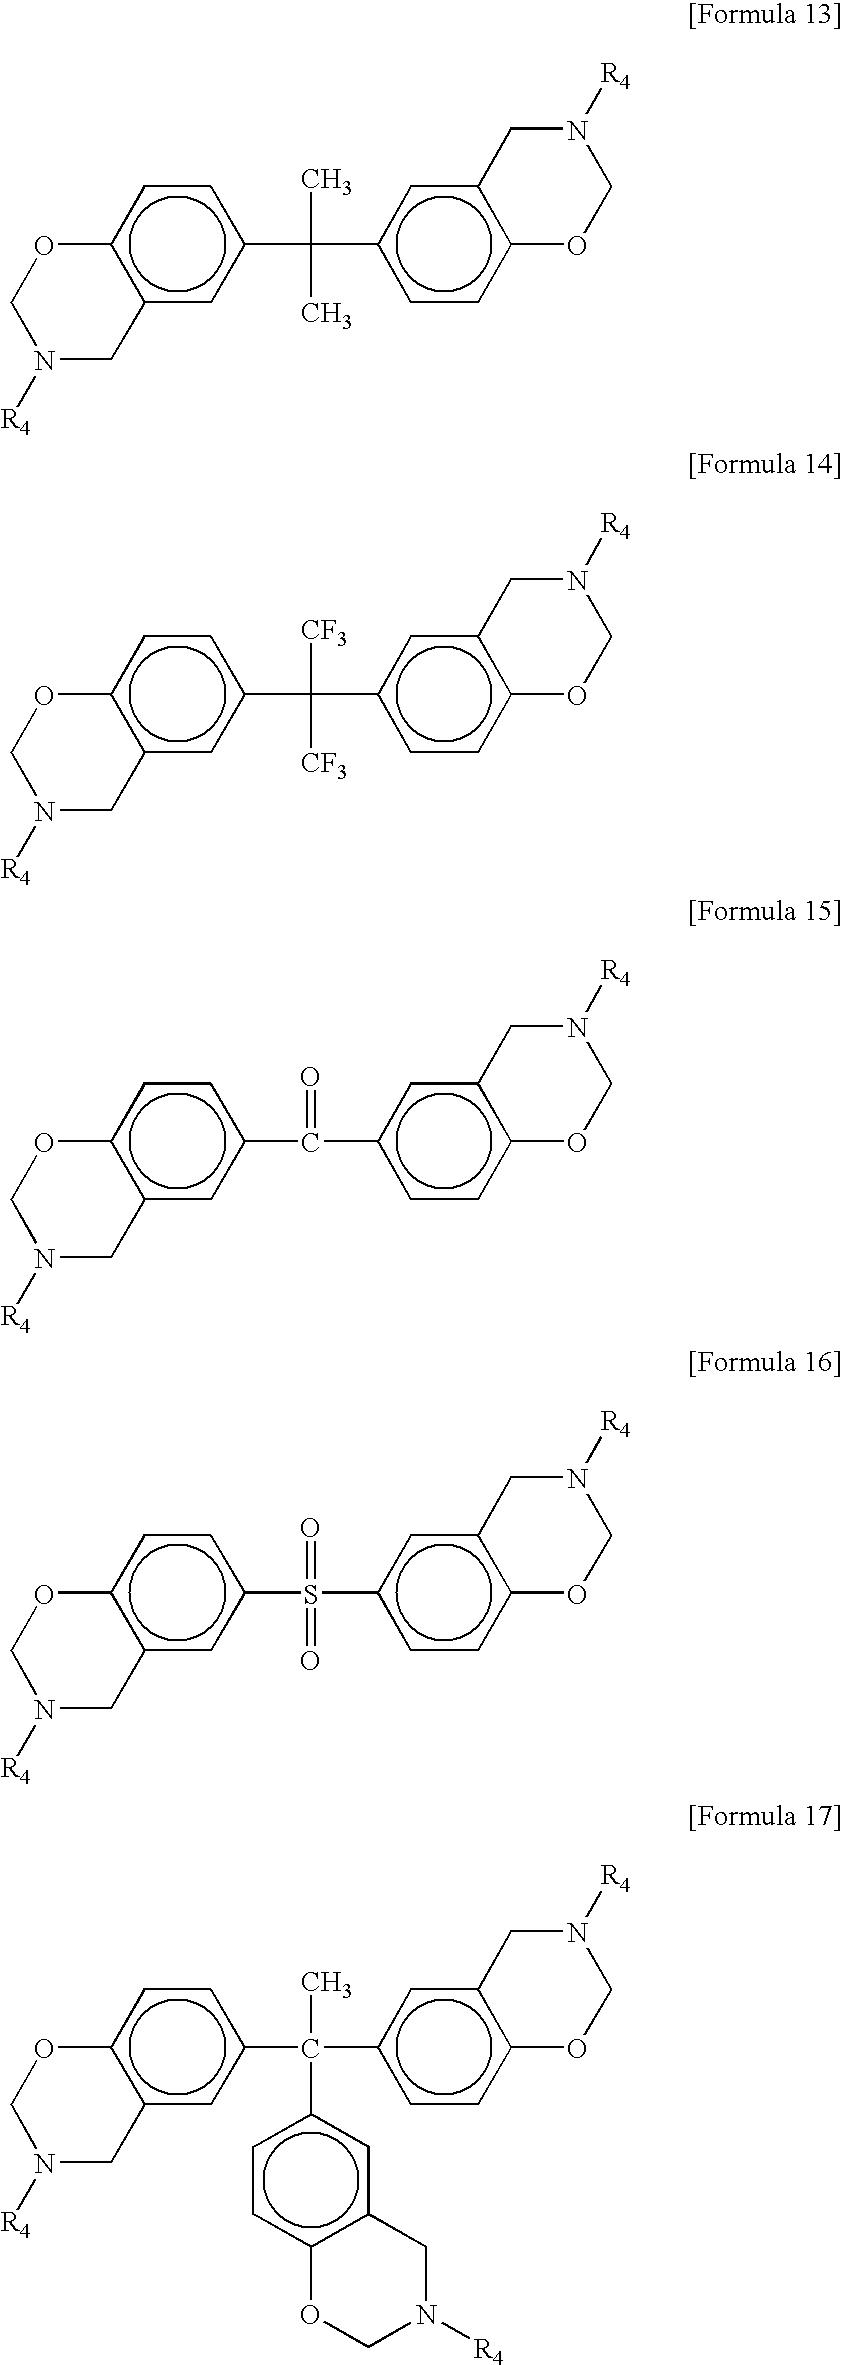 Figure US20070184323A1-20070809-C00007